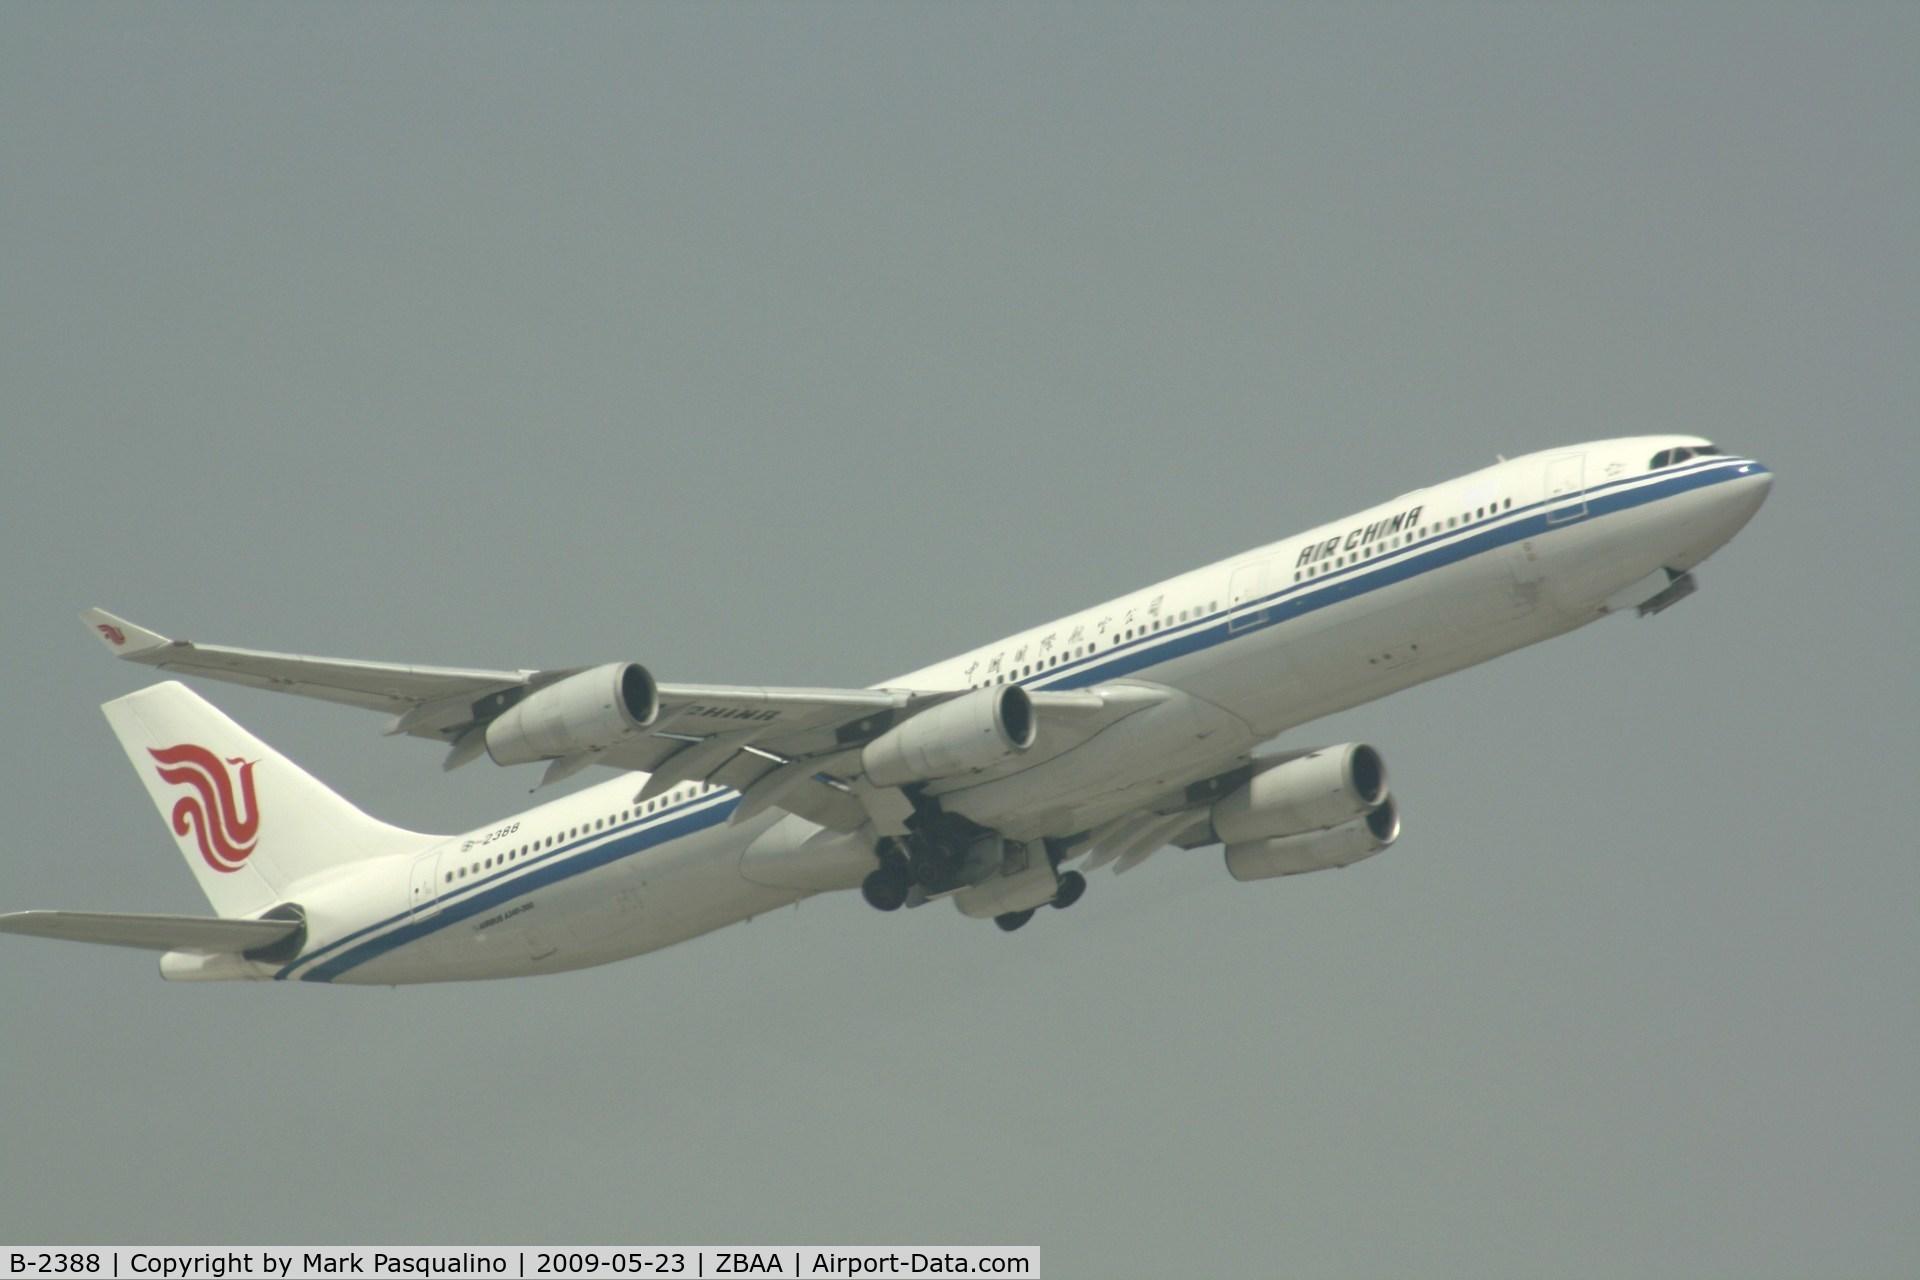 B-2388, 1998 Airbus A340-313 C/N 242, Airbus A340-300